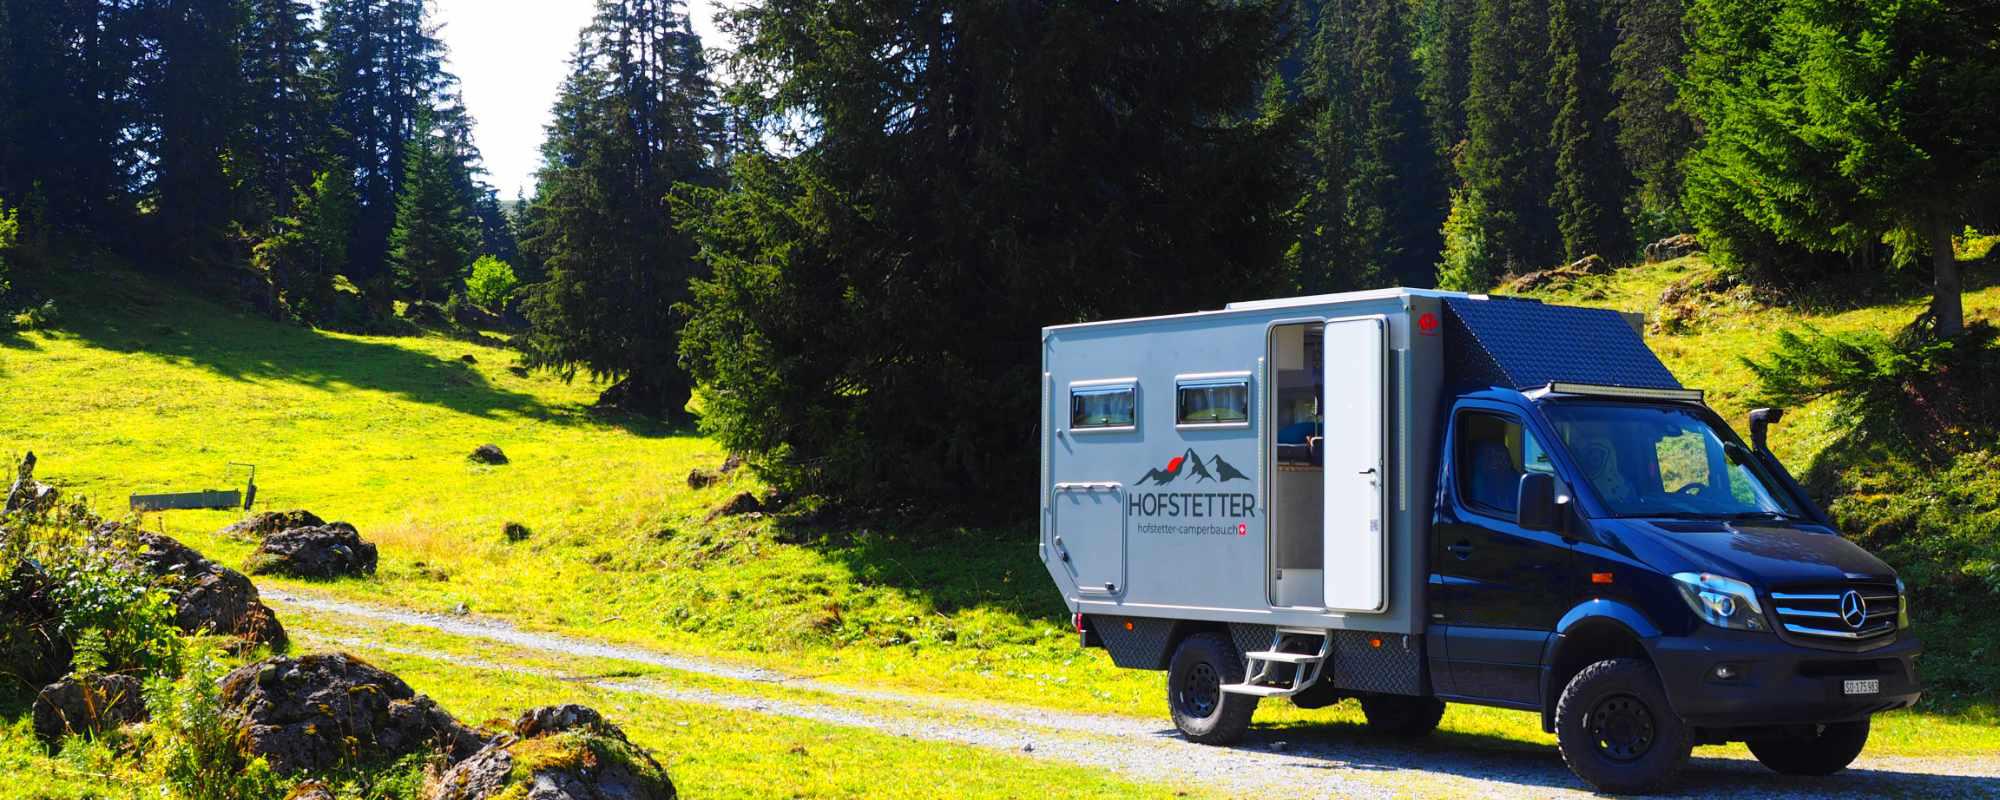 Hofstetter Camper gute Fahrt